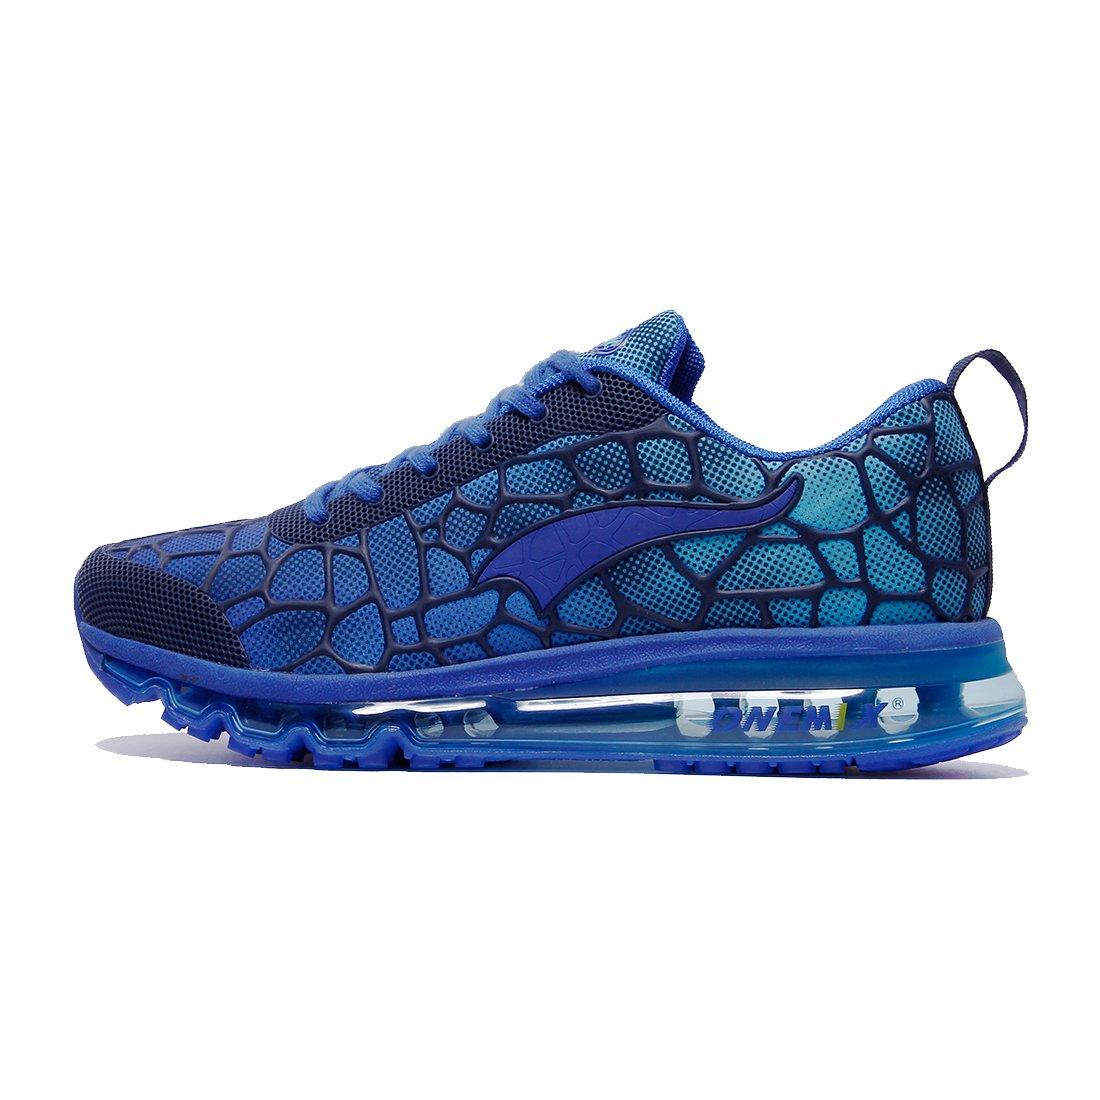 Onemix Men Lightweight Mesh Air Cushion Outdoor Sport Running Shoes 44 EU|Blue